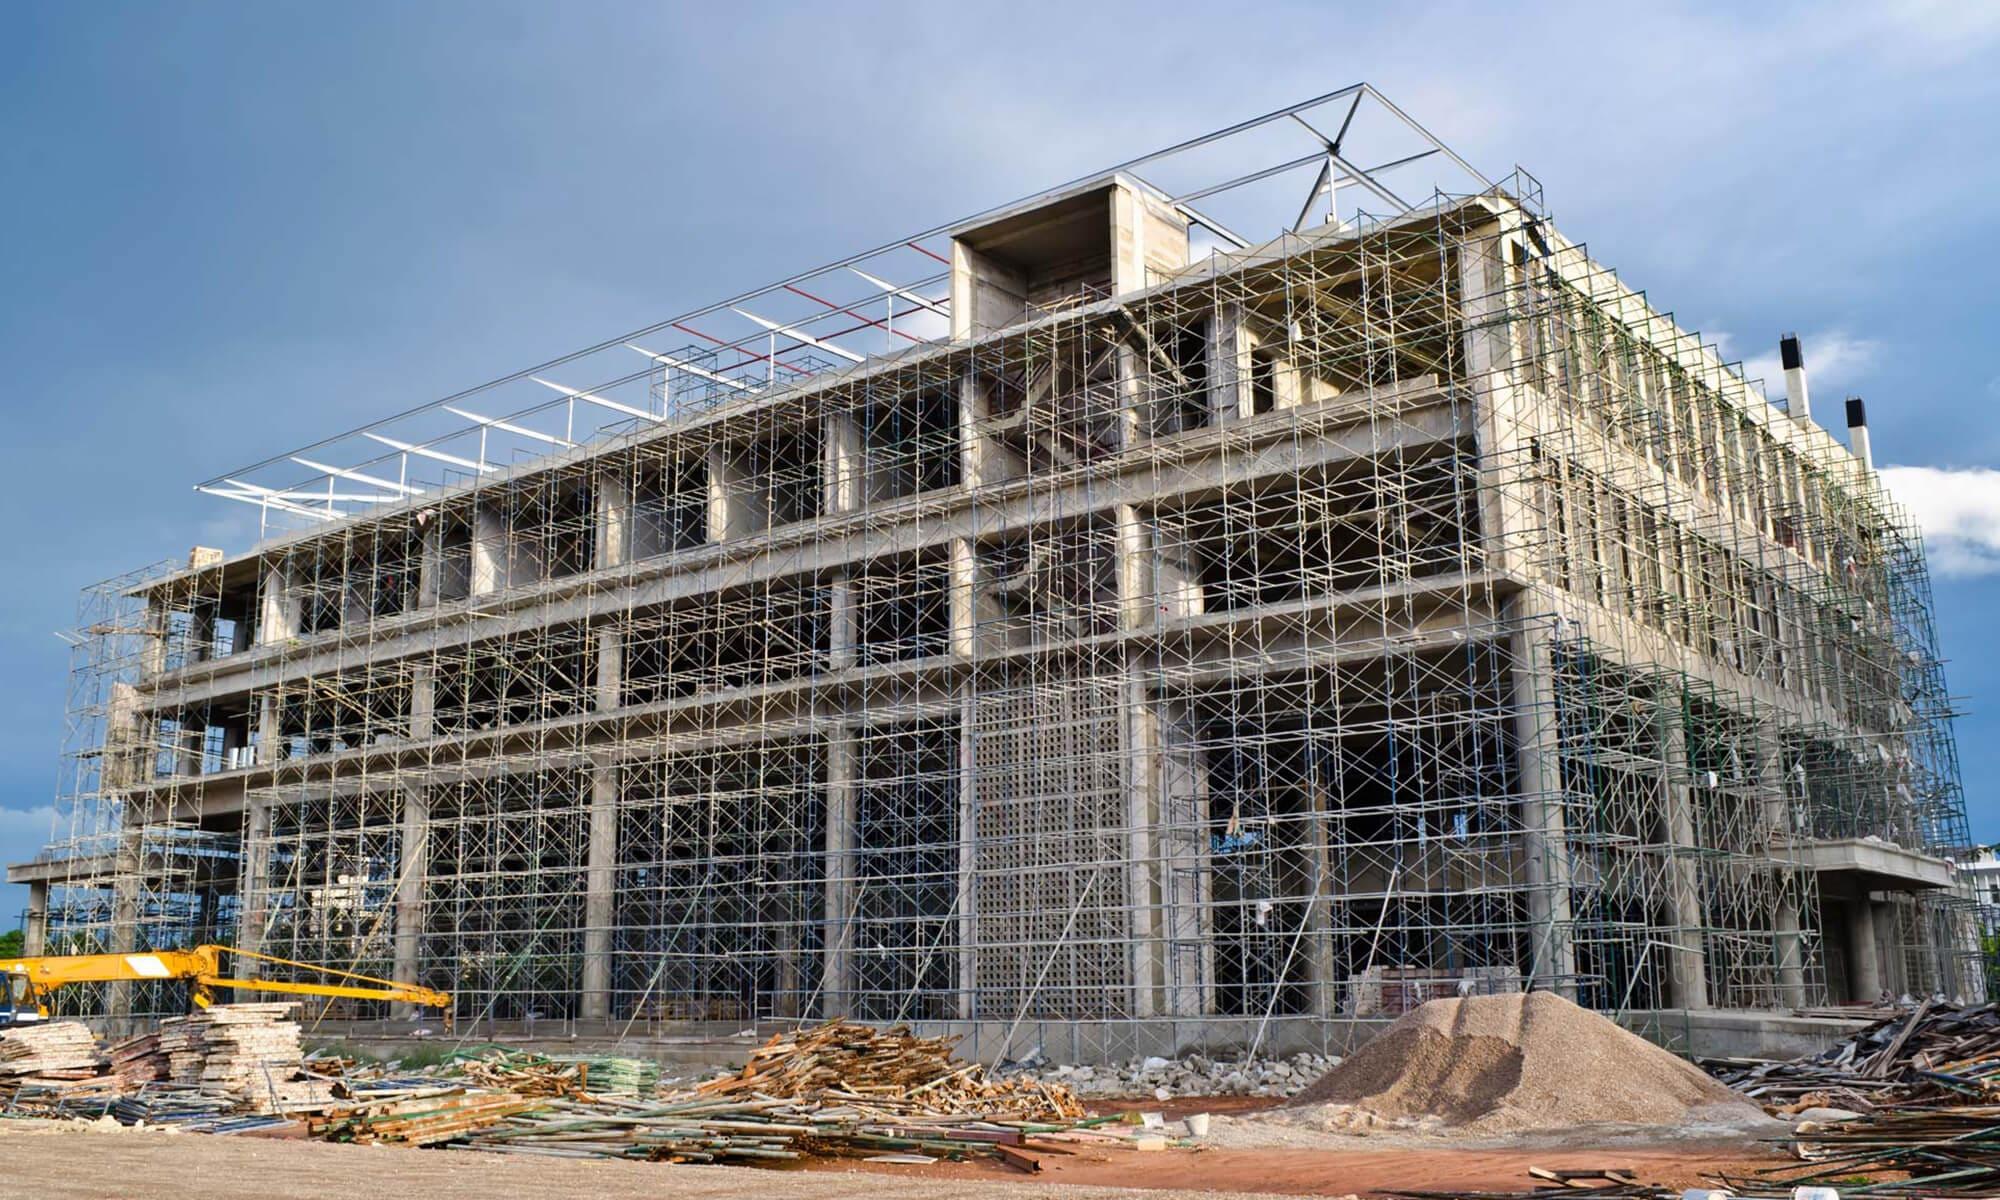 Когда здание будет полностью построено, начнется этап ввода его в эксплуатацию.